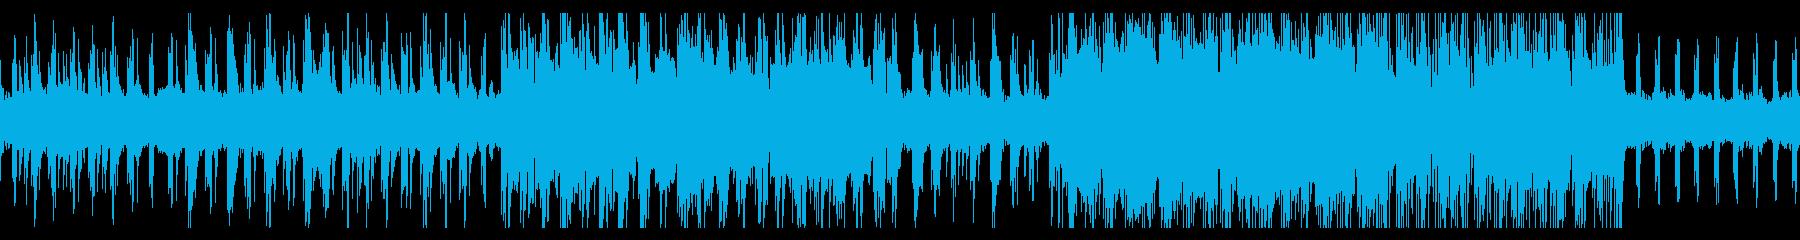 ゆったりリラックスできるヒーリング音楽の再生済みの波形